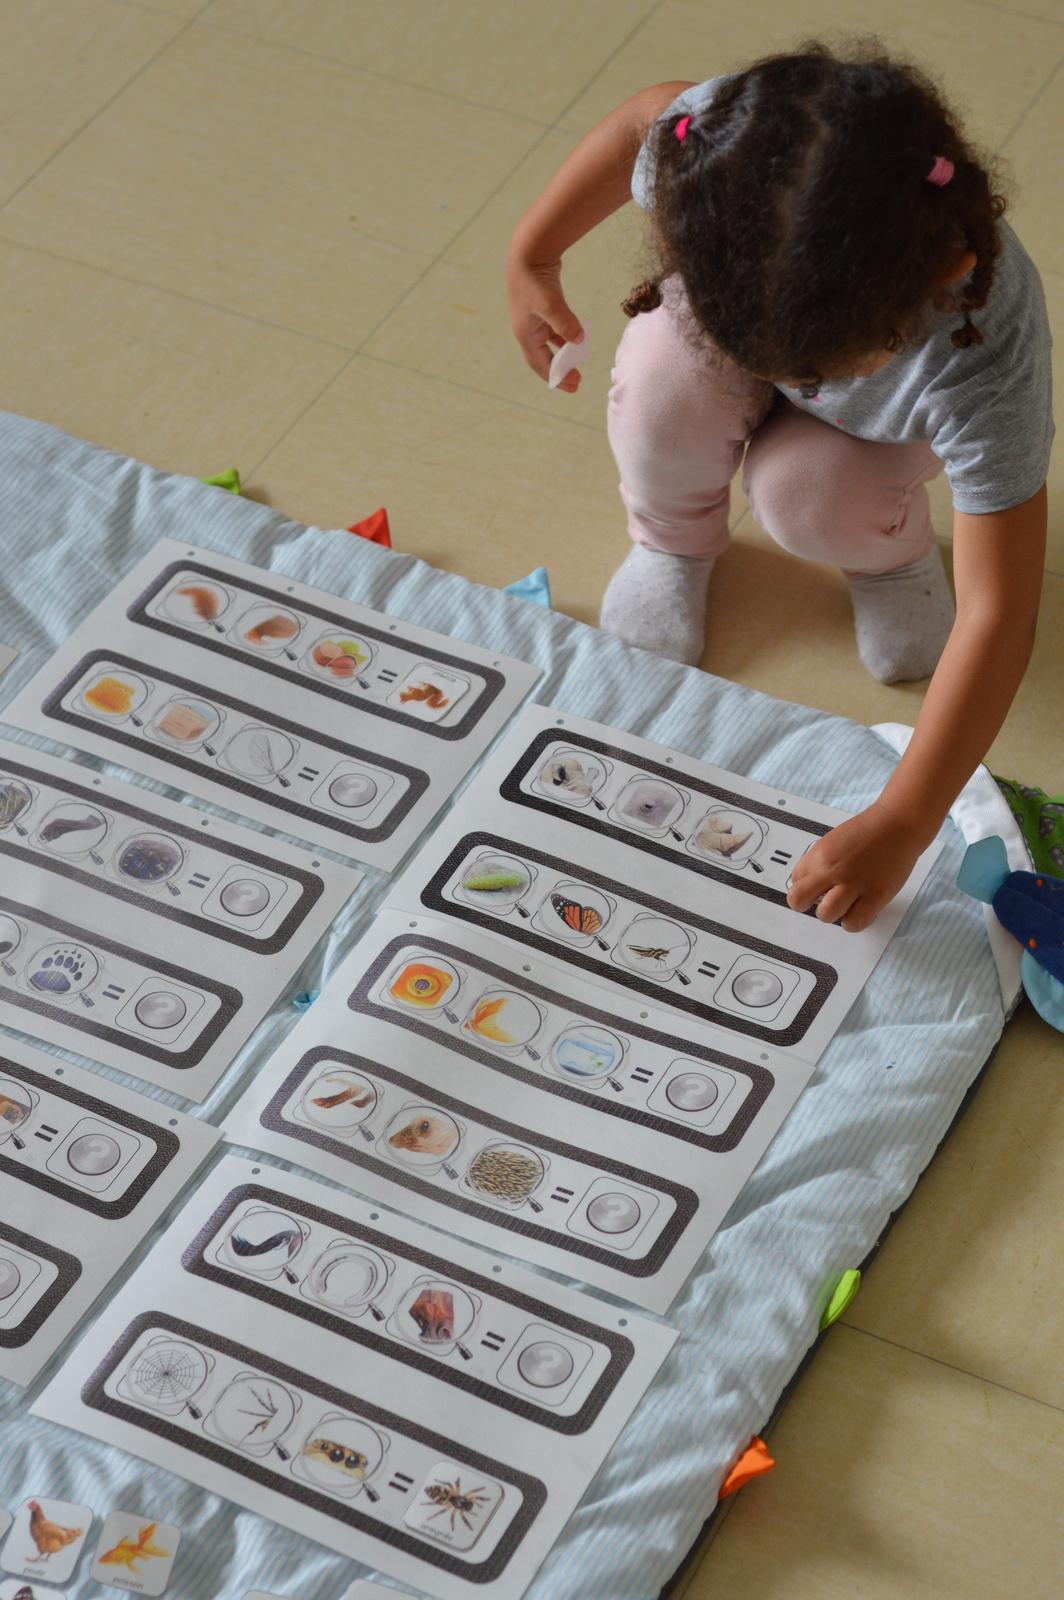 Jeux De Logique À Imprimer - Qui Suis-Je ? - Enfant Bébé Loisir à Jeux De Maternelle À Imprimer